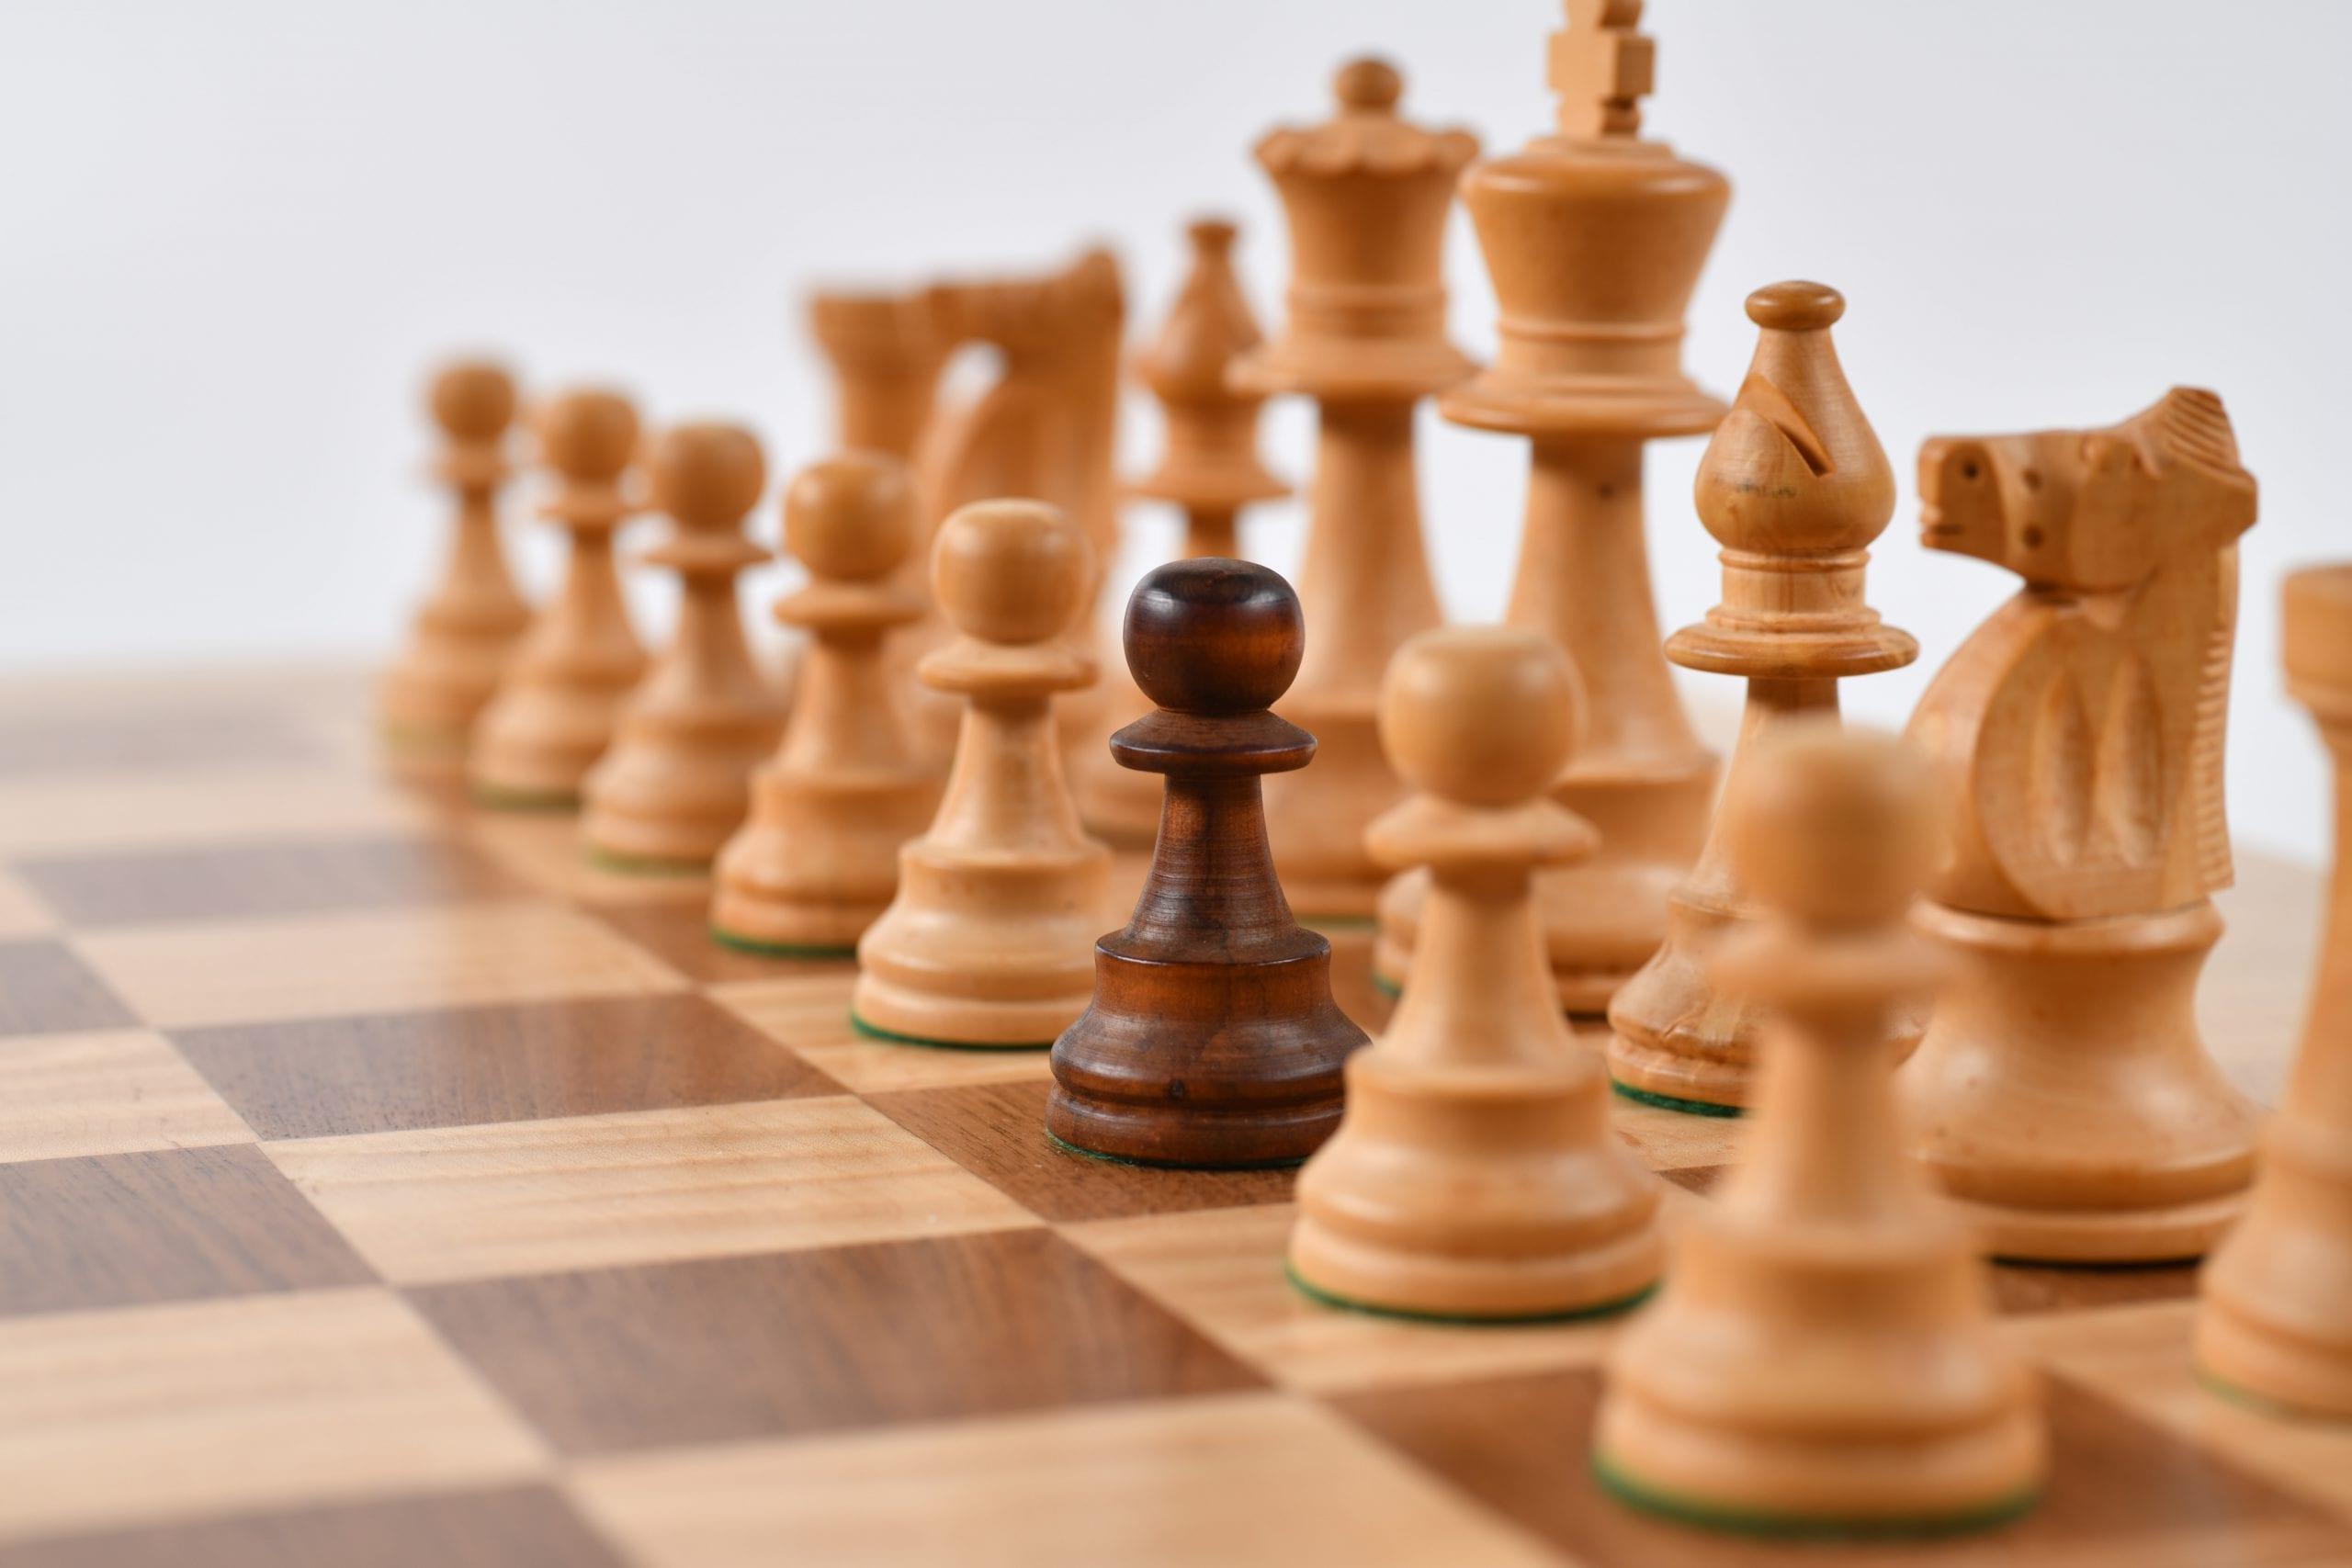 One Black Pawn around a White Set of Chess Pieces